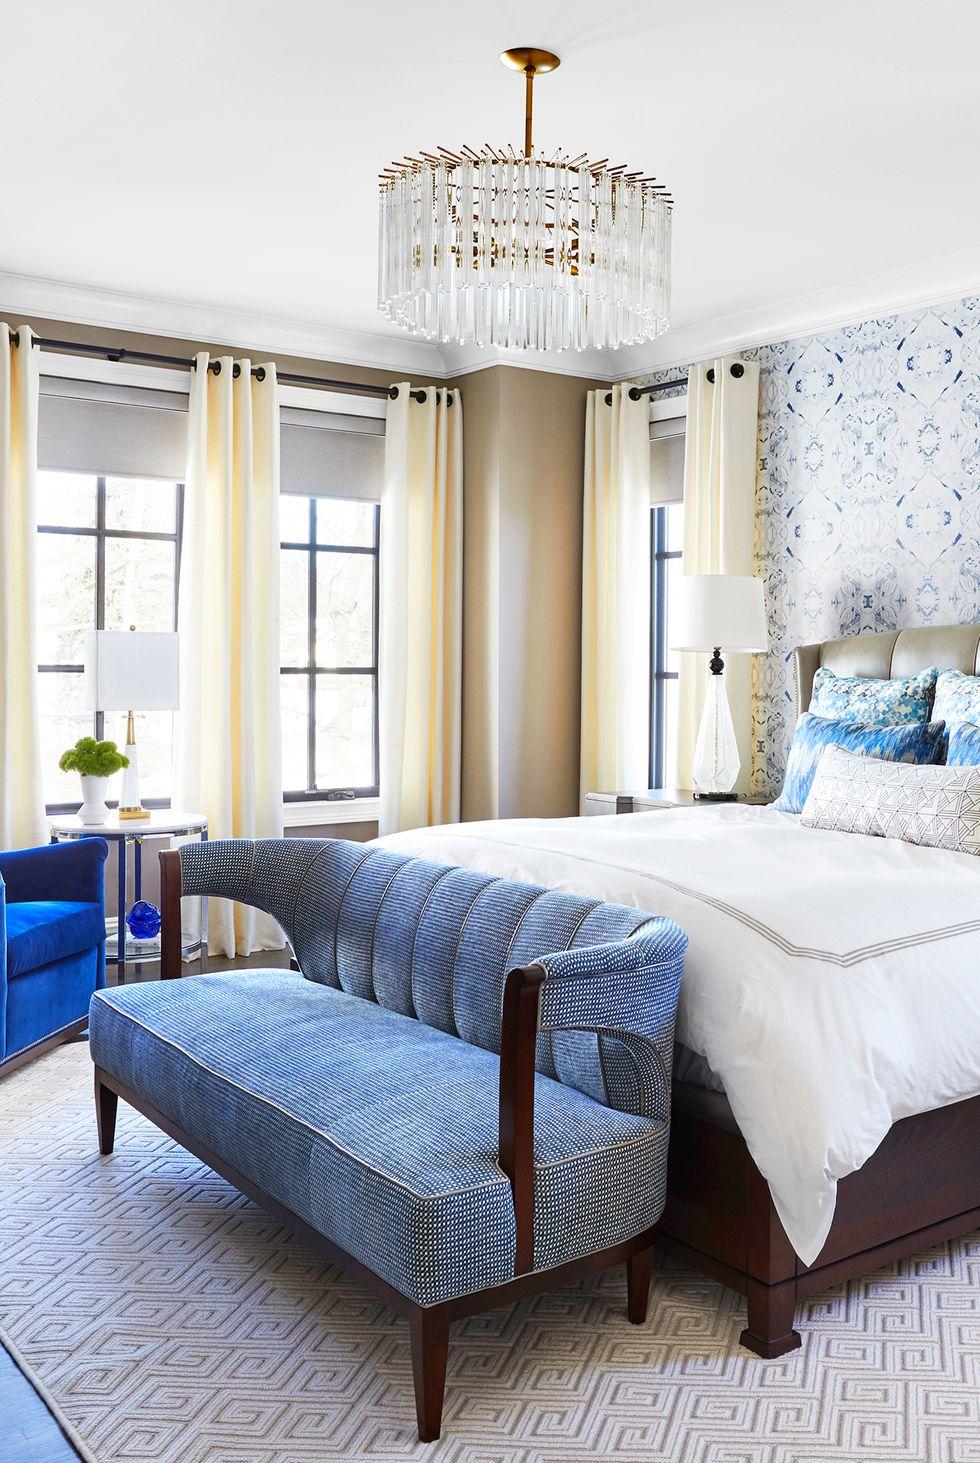 Màu xanh và trắng là một cách phối màu cổ điển, nhưng nó có thể cảm thấy hơi quá sắc nét đối với một số người. Để làm ấm một phòng ngủ sáng sủa mà không cần sơn tất cả các bề mặt khác với màu trắng cổ điển, hãy phủ một bức tường bằng giấy dán tường với họa tiết vui nhộn và bức tường khác bằng màu trung tính, ấm áp.